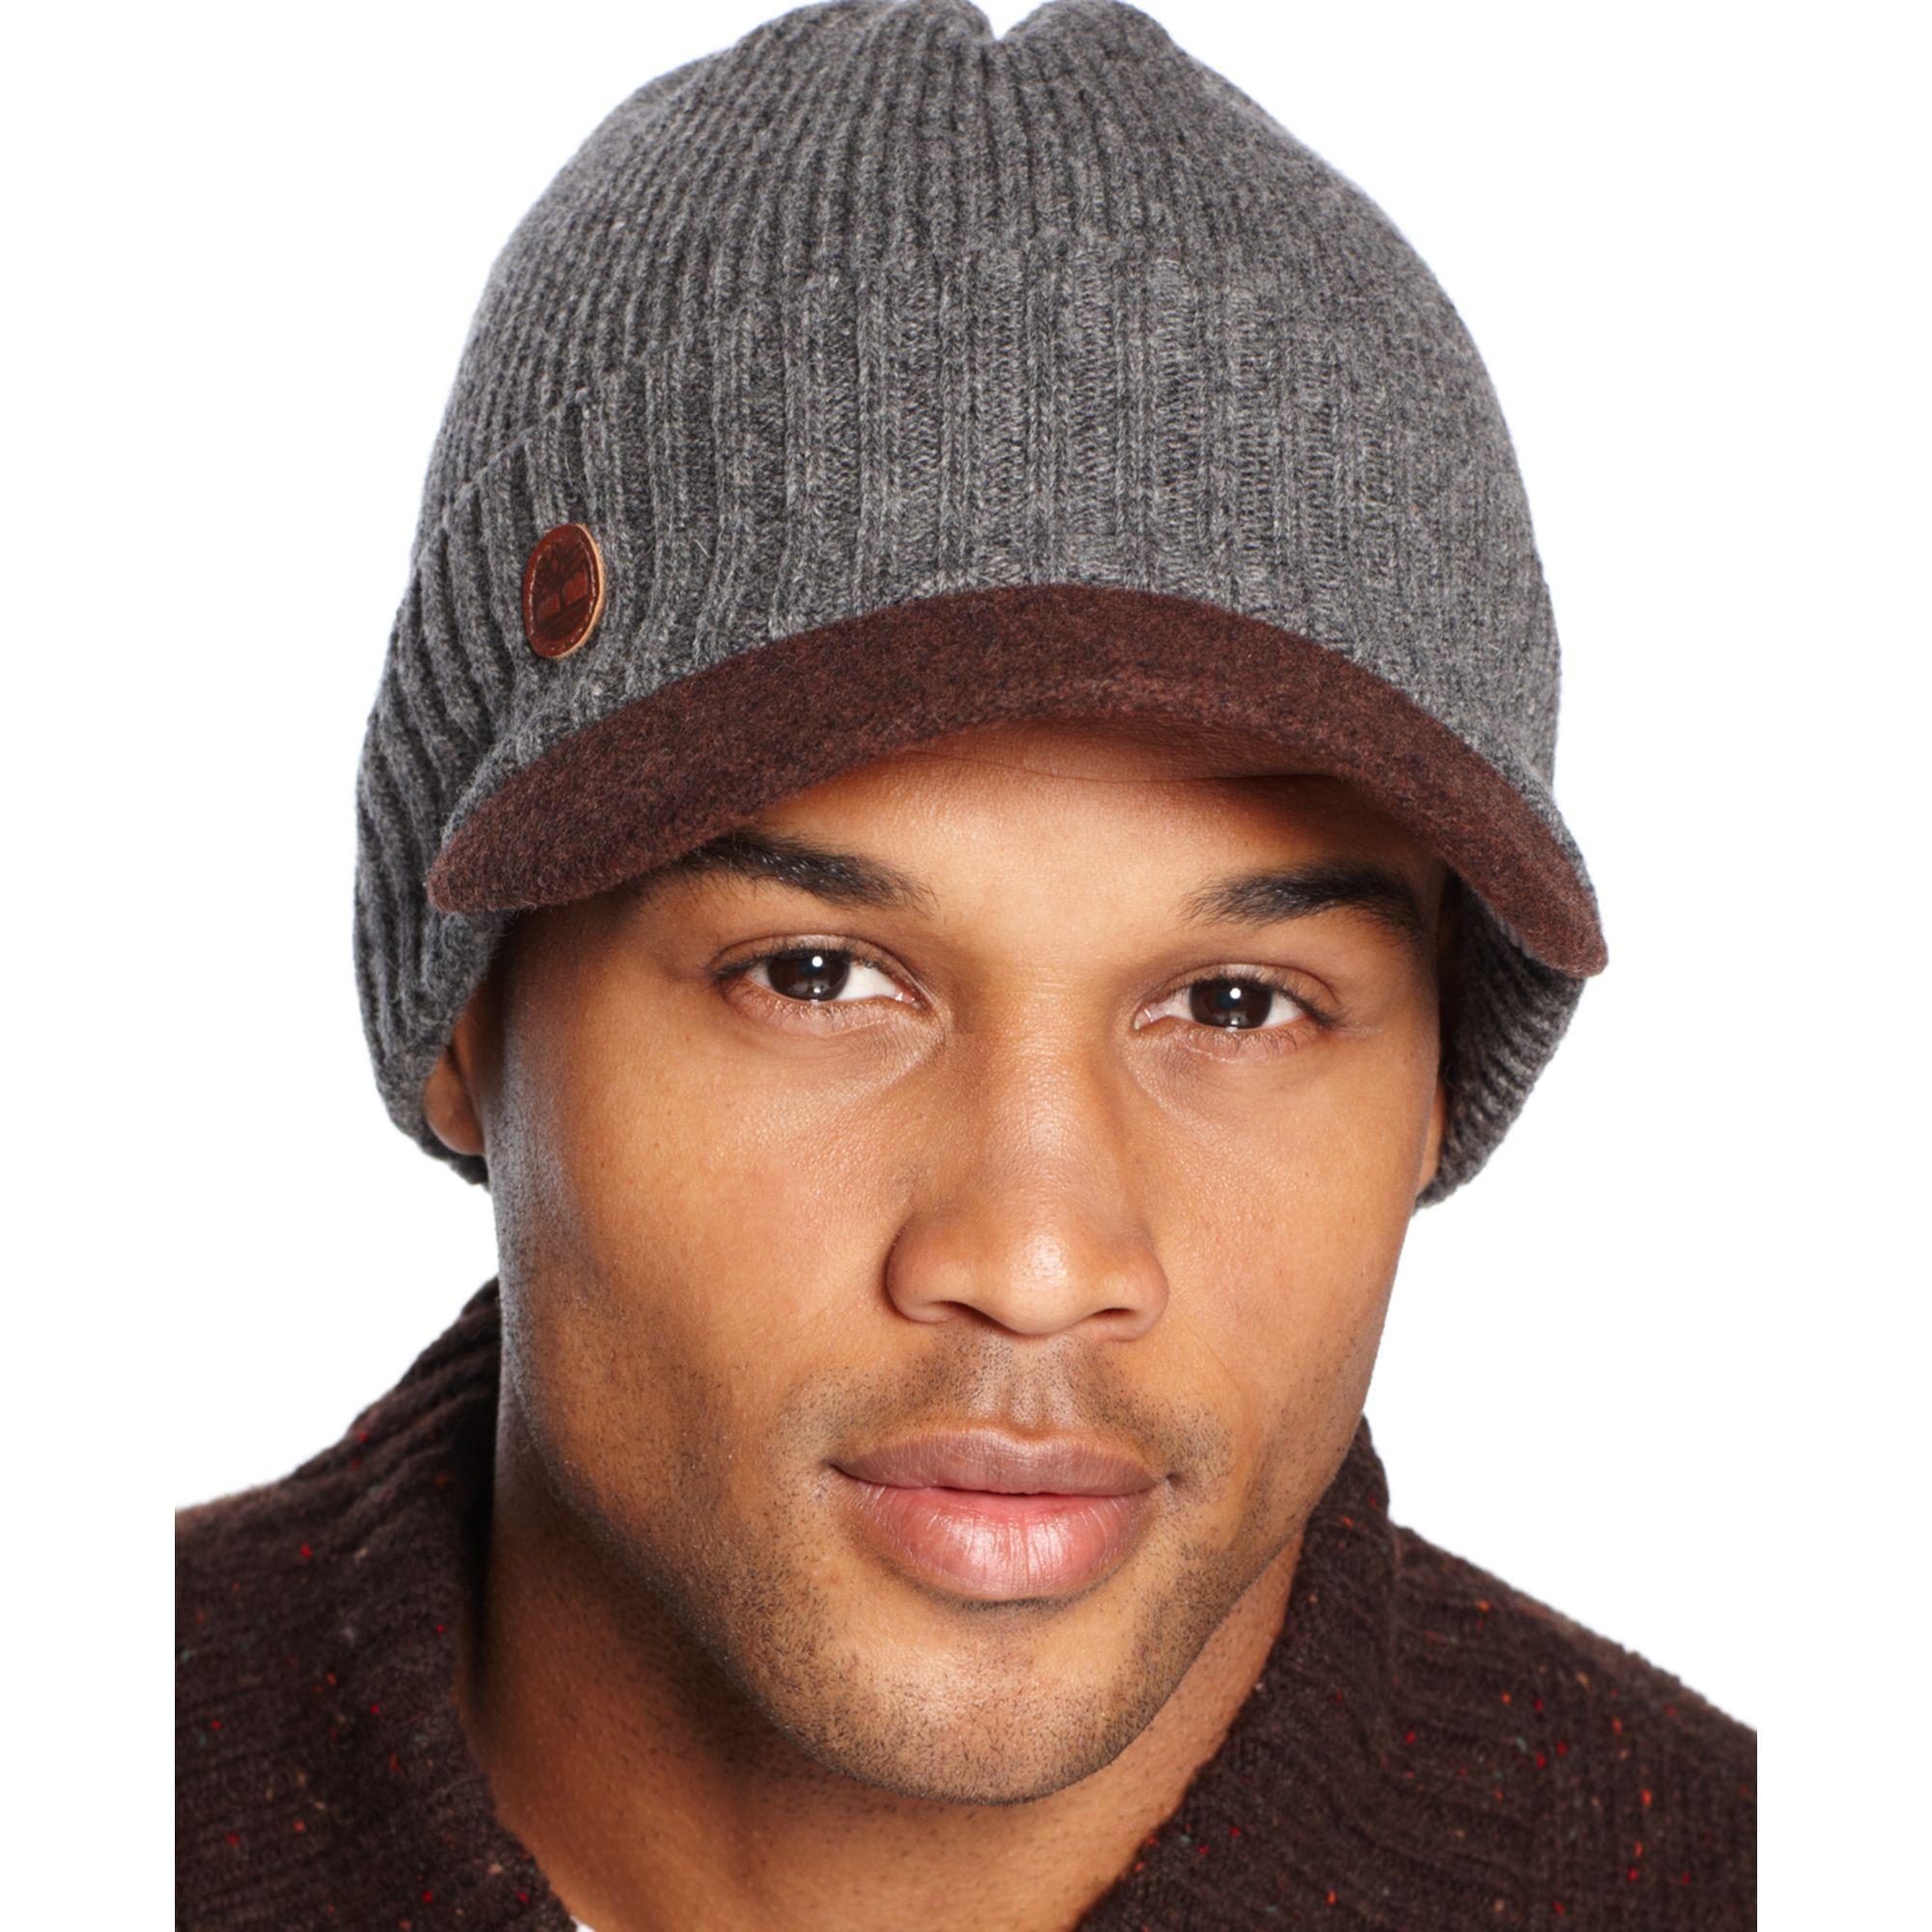 8ec1982e0d8bd Timberland Wool Visor Beanie in Gray for Men - Lyst